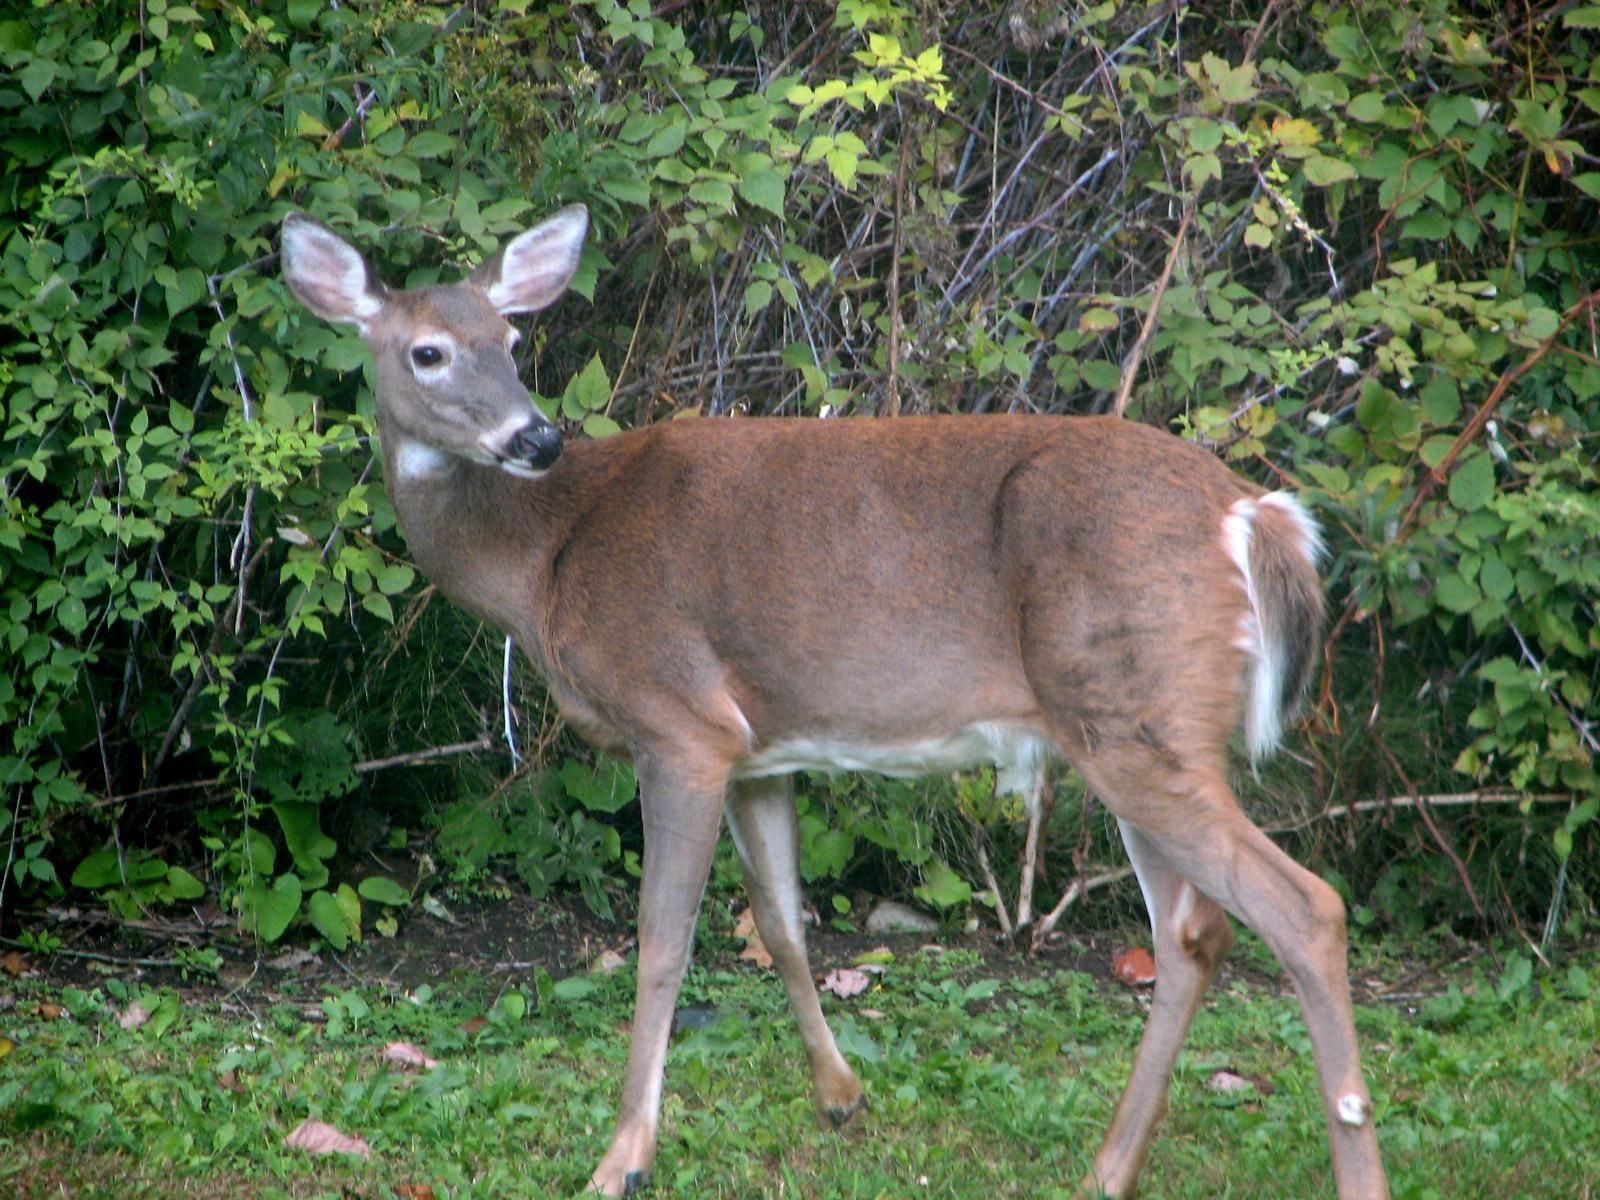 Deer_female_in_wild.jpg